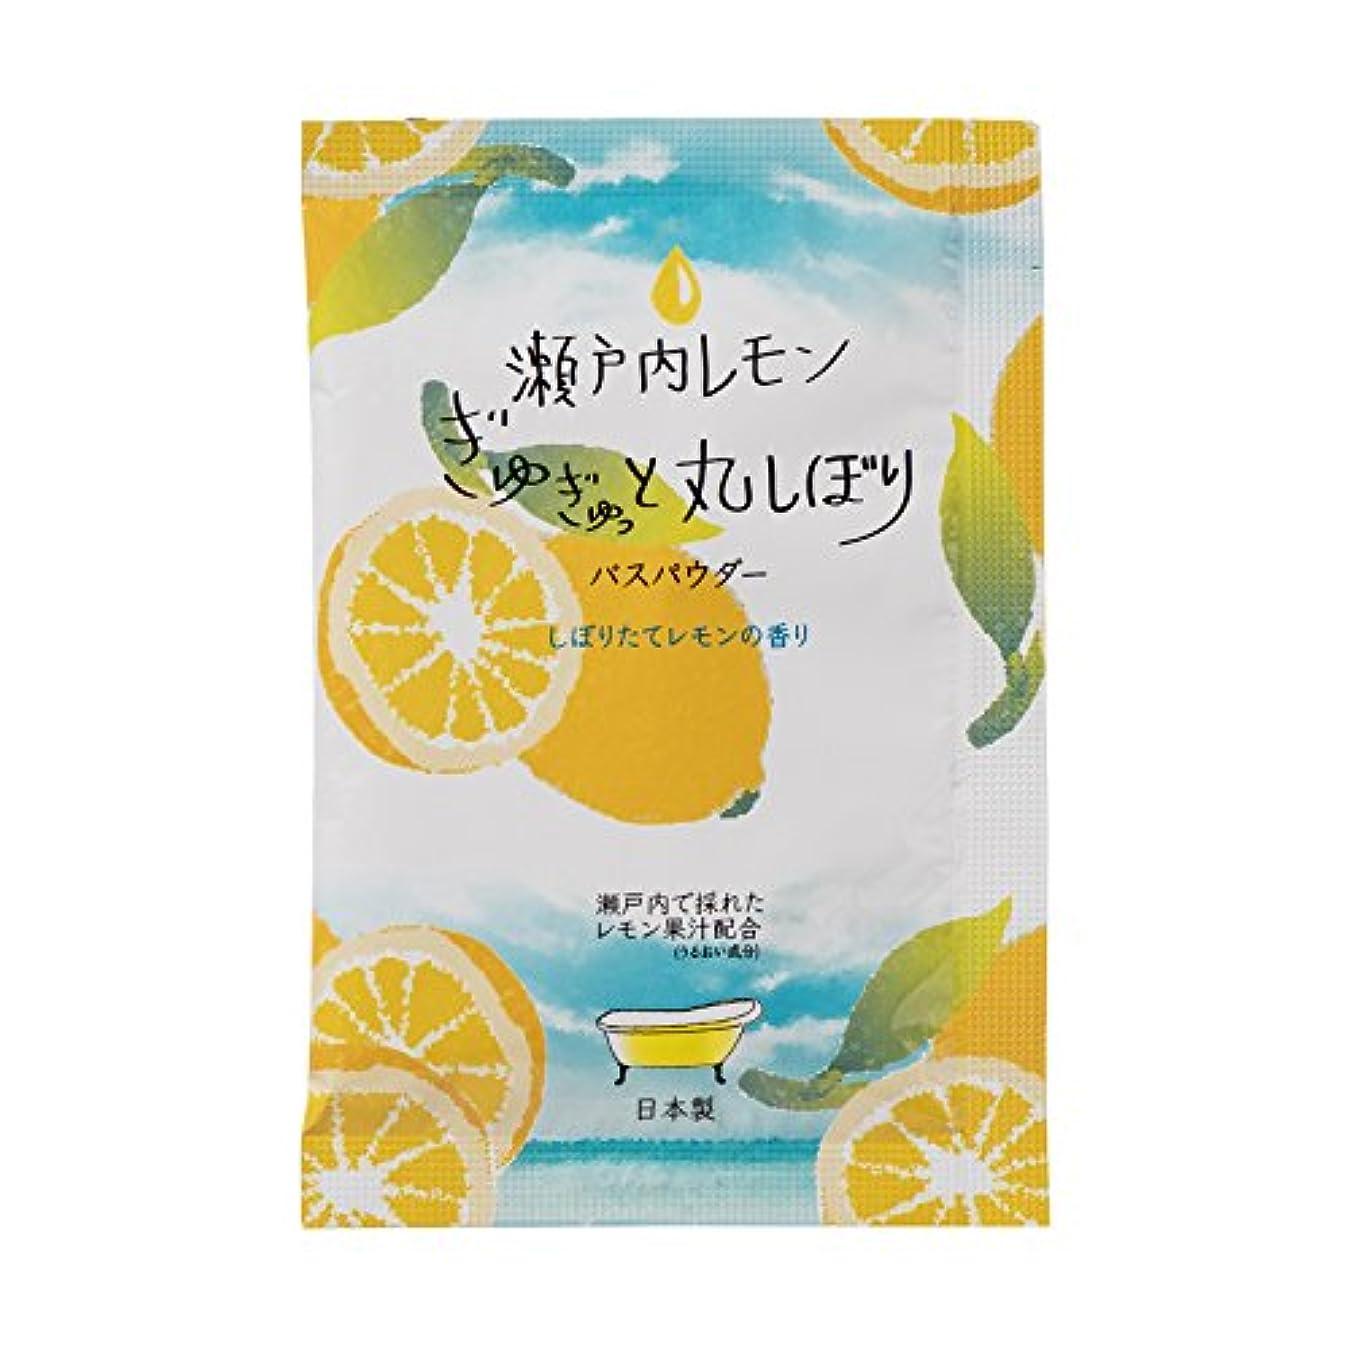 周り赤外線ガスリッチバスパウダー(瀬戸内レモンの香り)× 40個